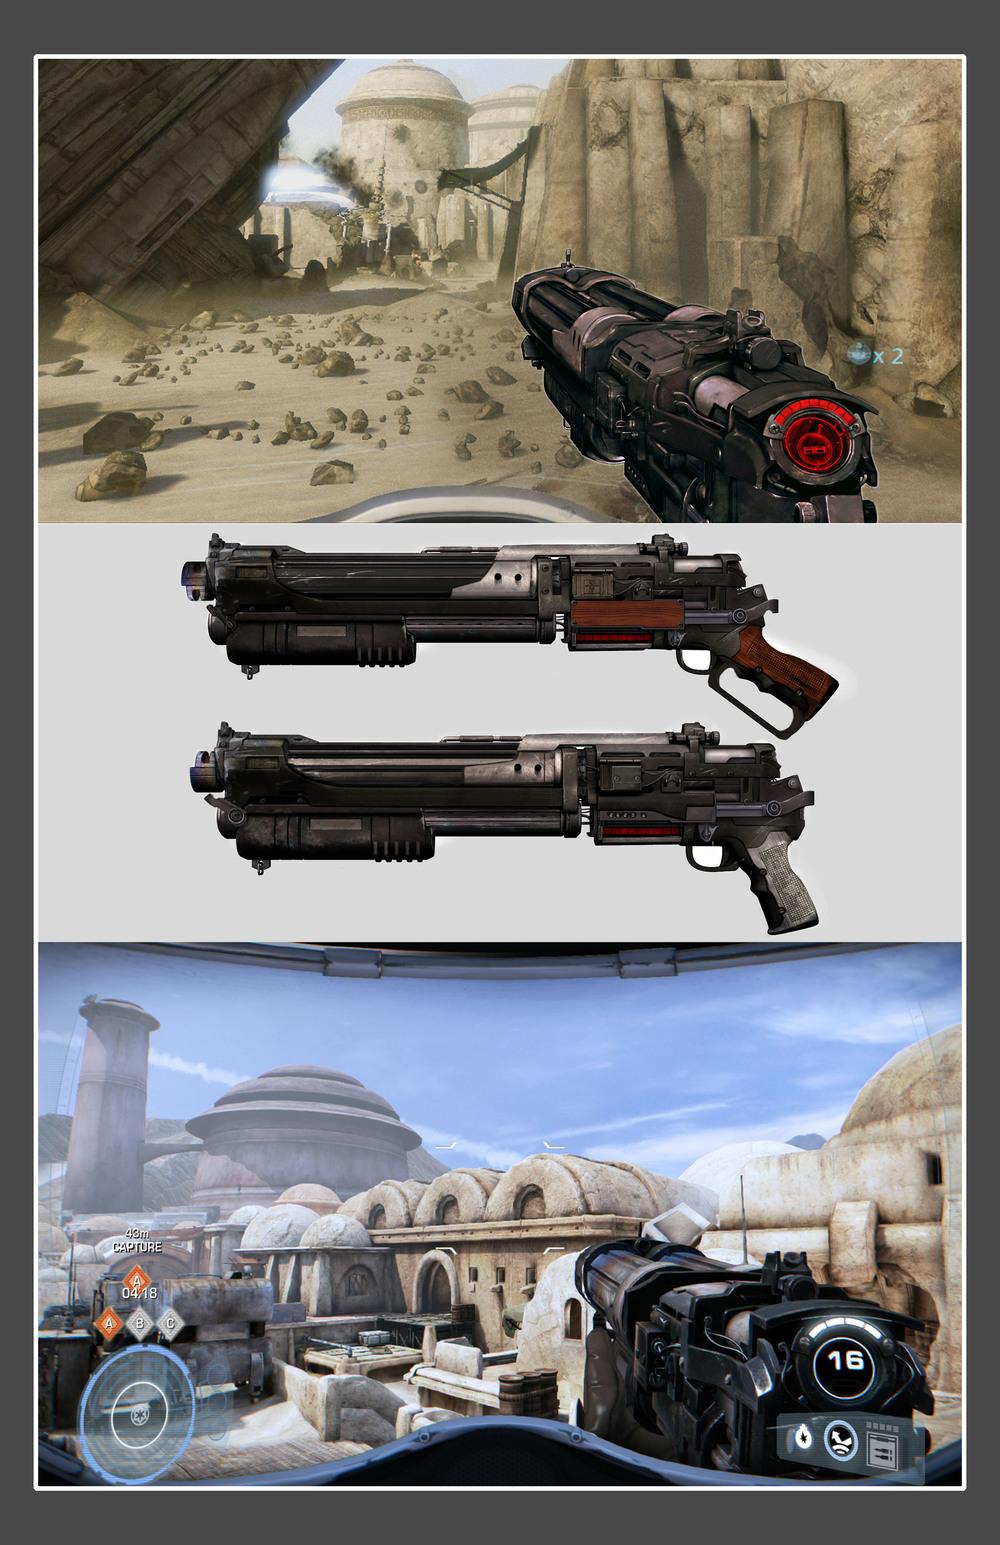 Scatter_gun2.jpg